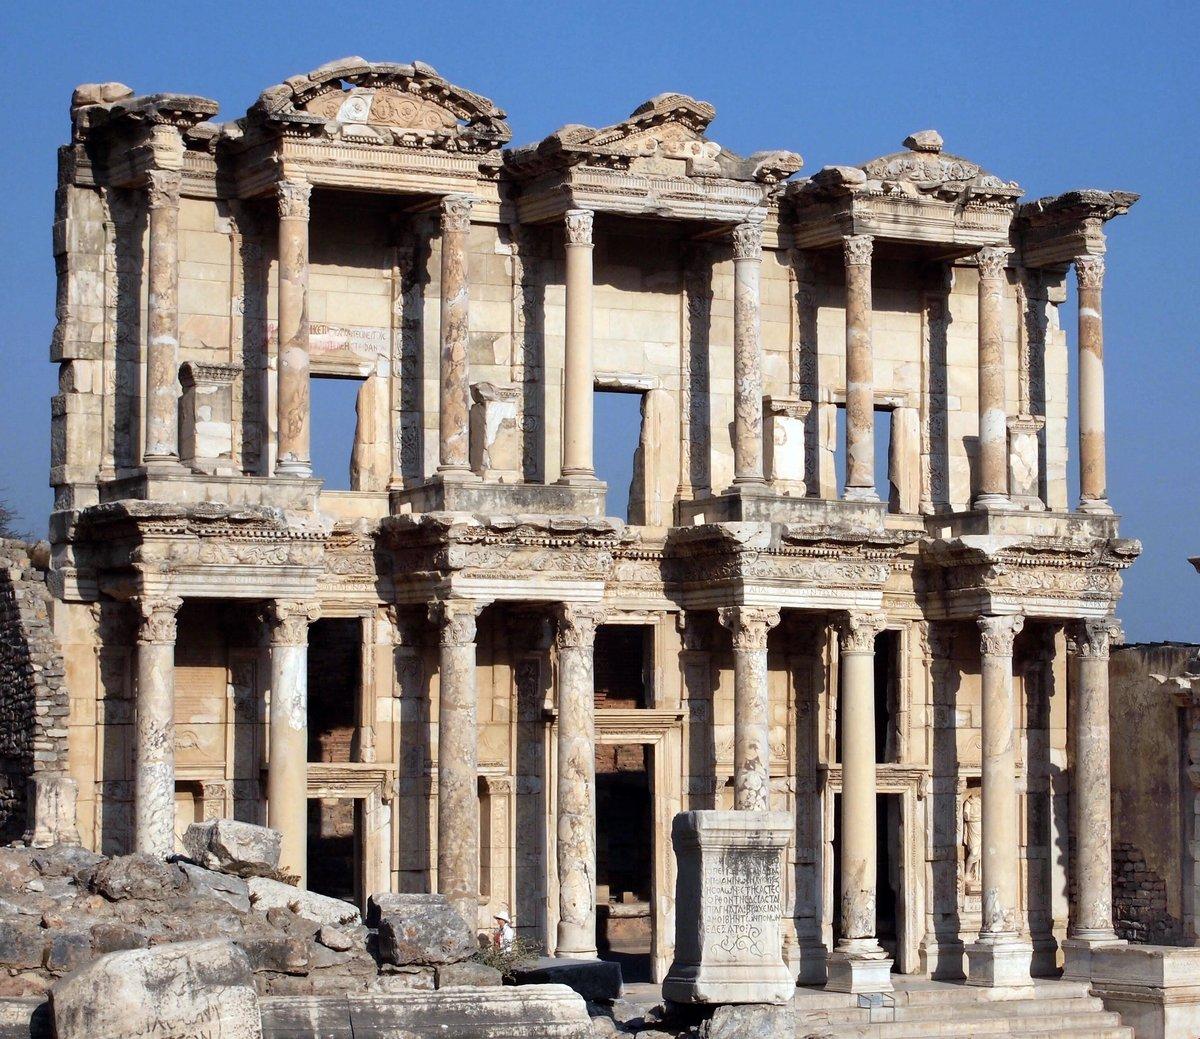 свадебный архитектура древнего рима картинки достаточно небольшой размер